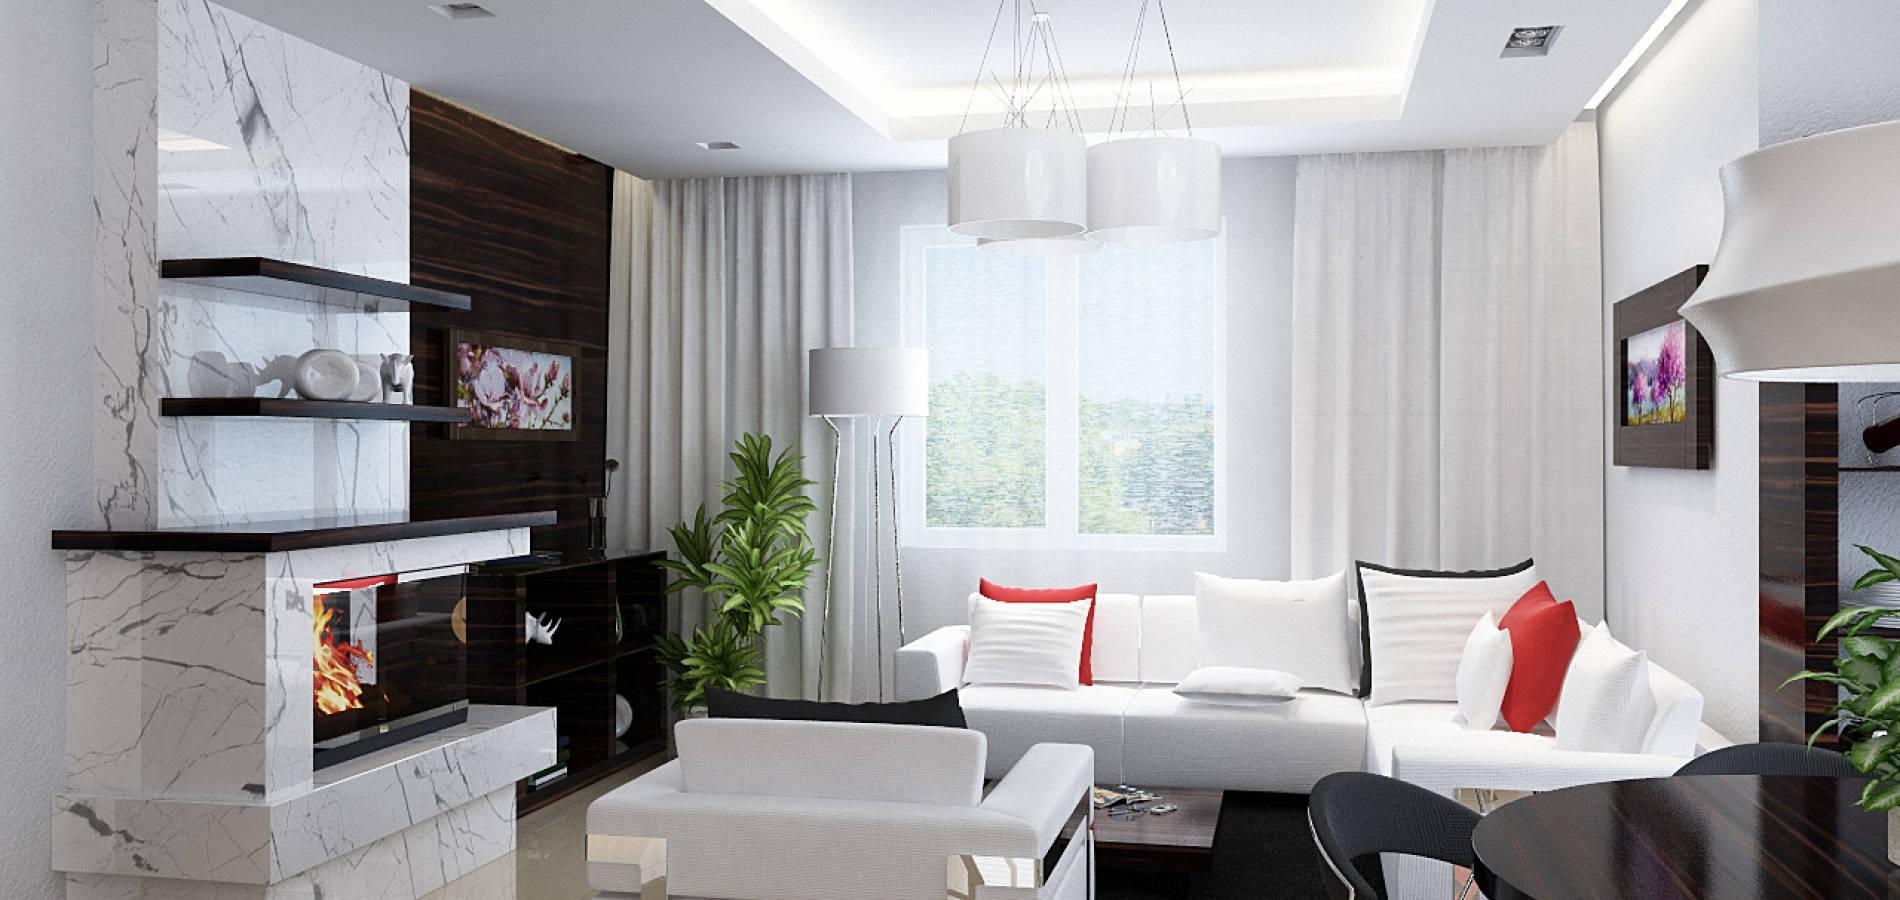 Вітальня з білими диванами і каміном GH_408